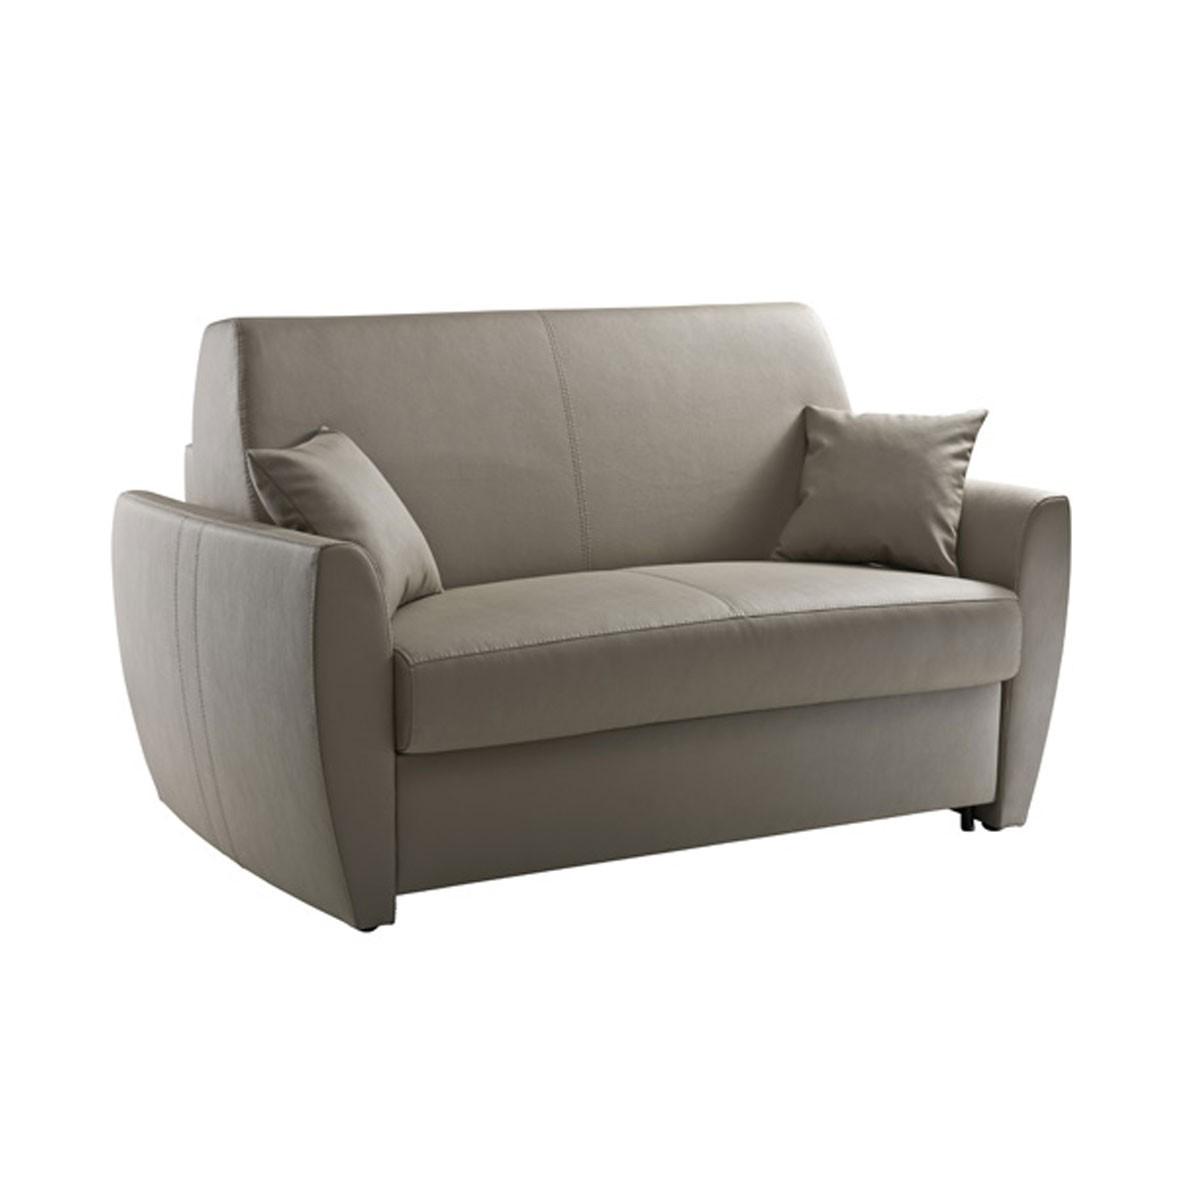 Canapé Convertible Petite Dimension